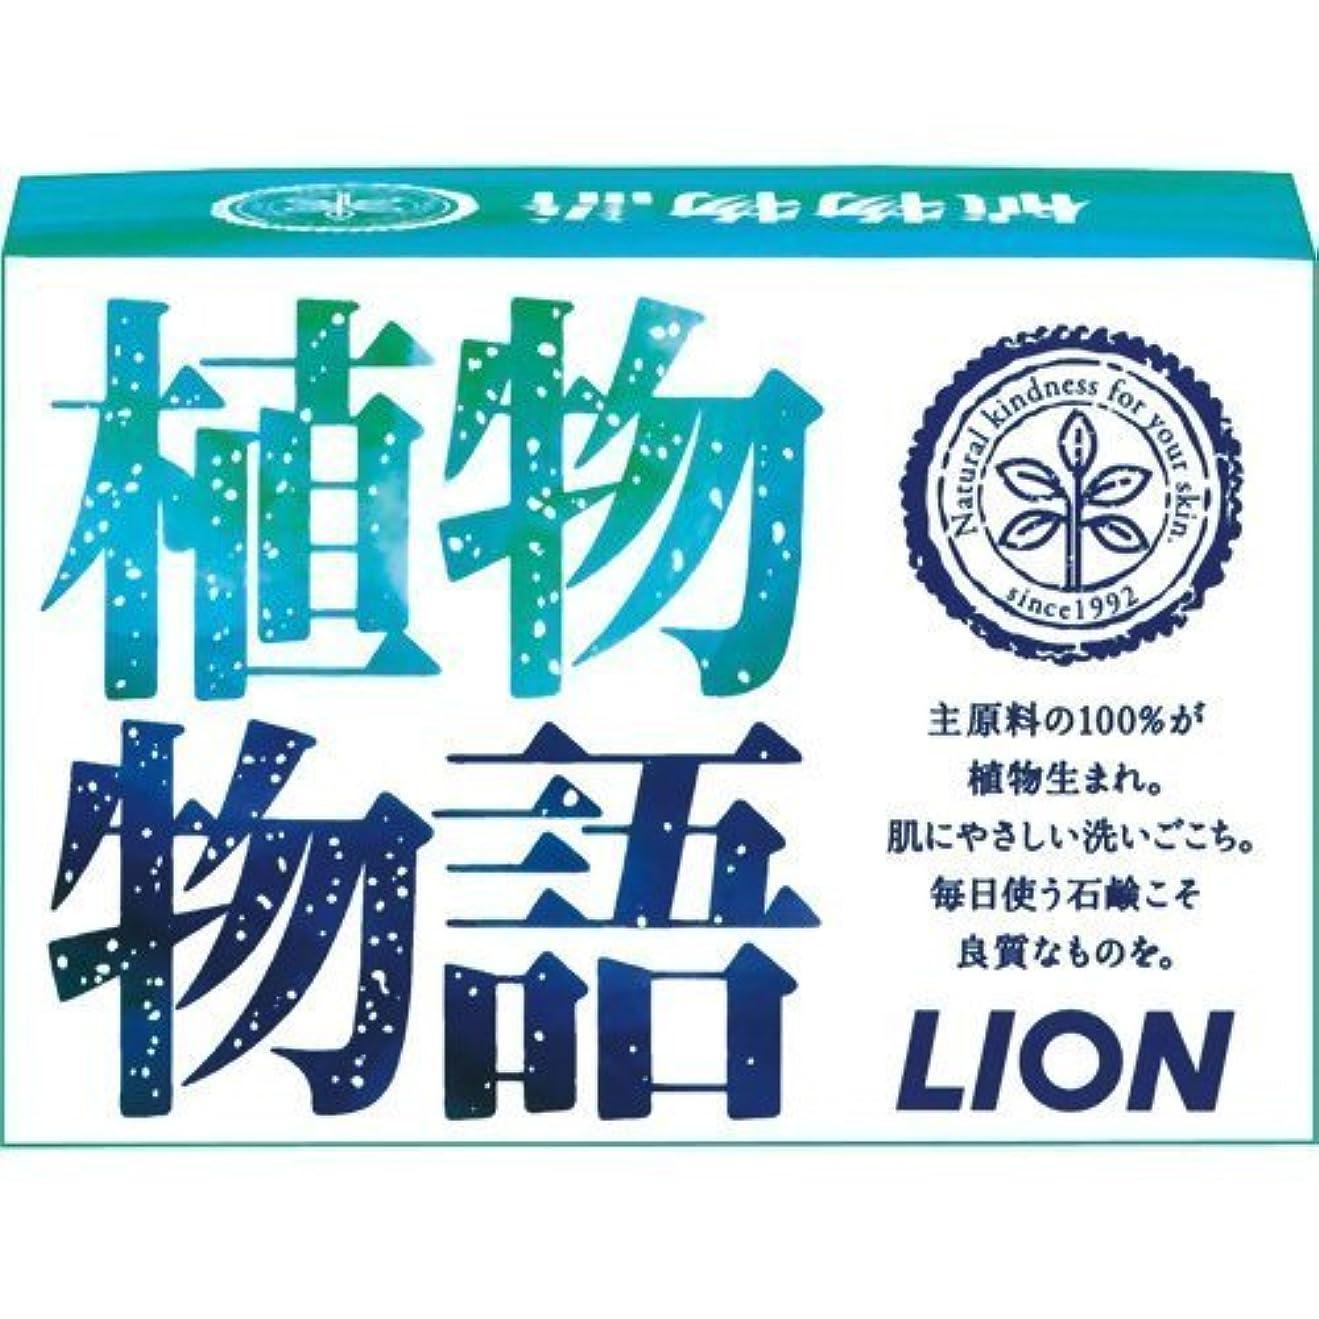 イサカベル臨検植物物語 化粧石鹸 バスサイズ 箱 140g ×2セット